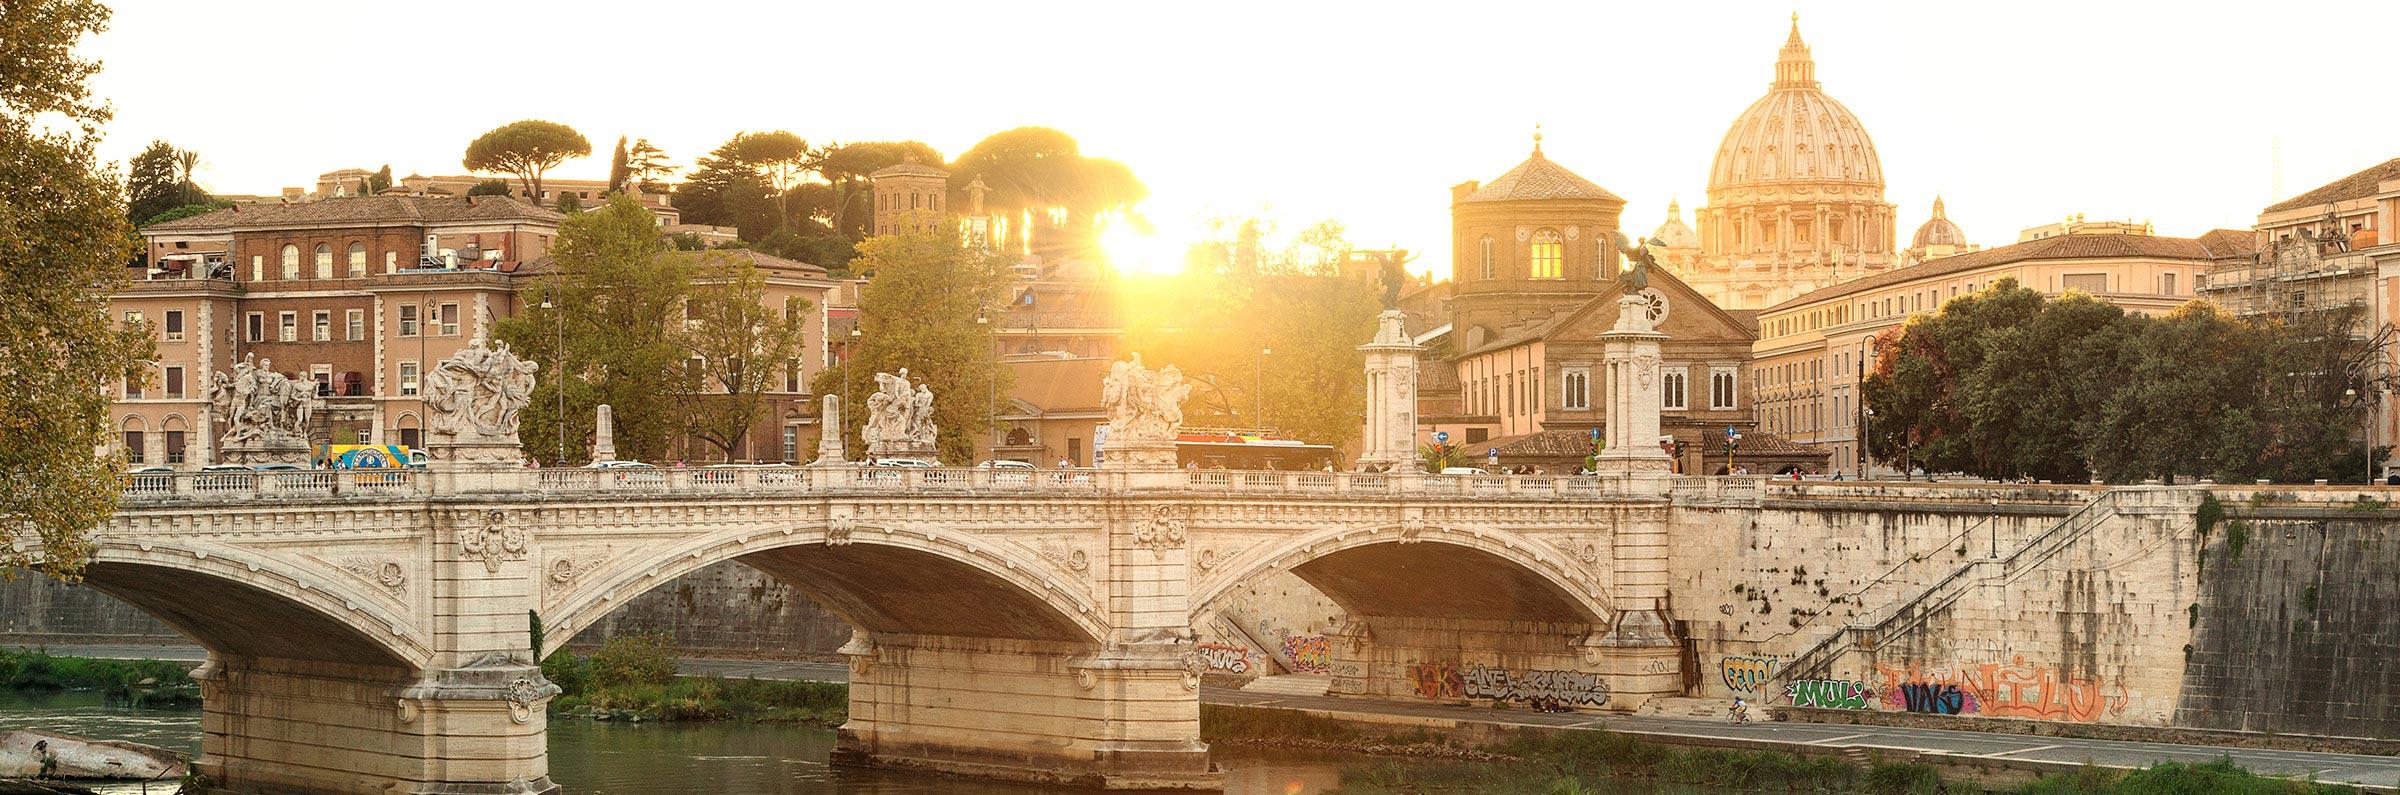 Exclusivo de Roma in Roma